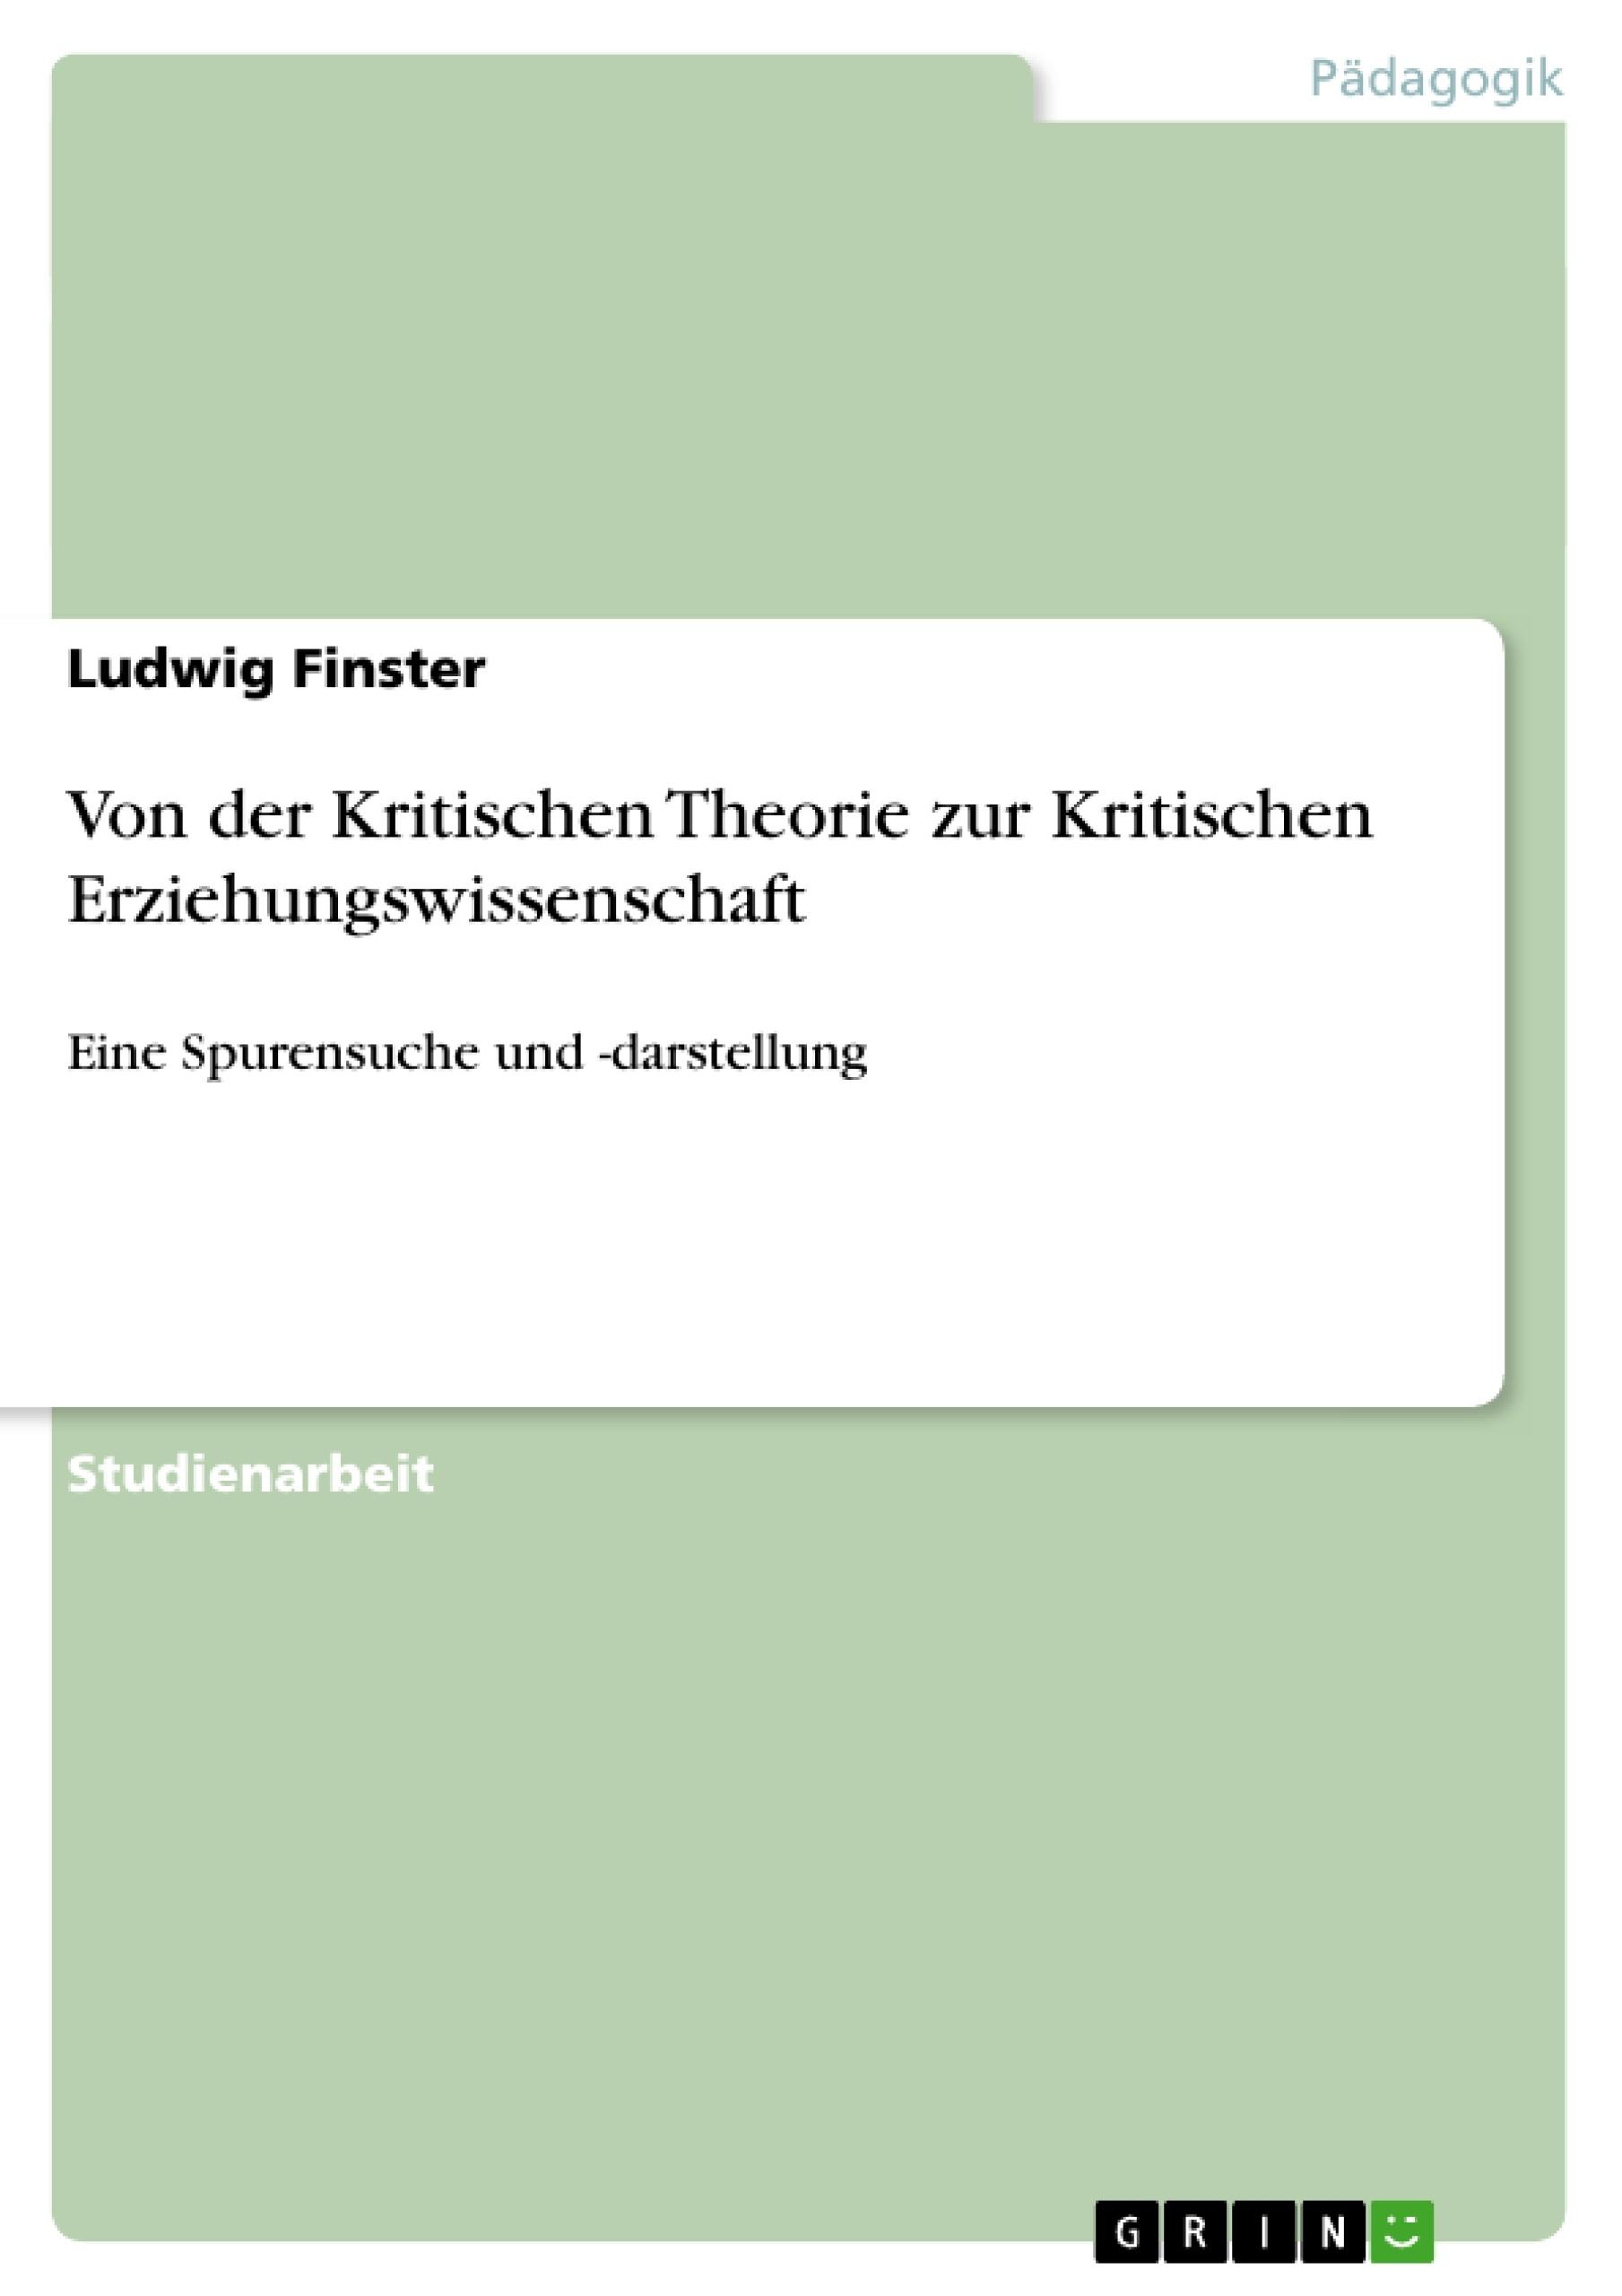 Titel: Von der Kritischen Theorie zur Kritischen Erziehungswissenschaft